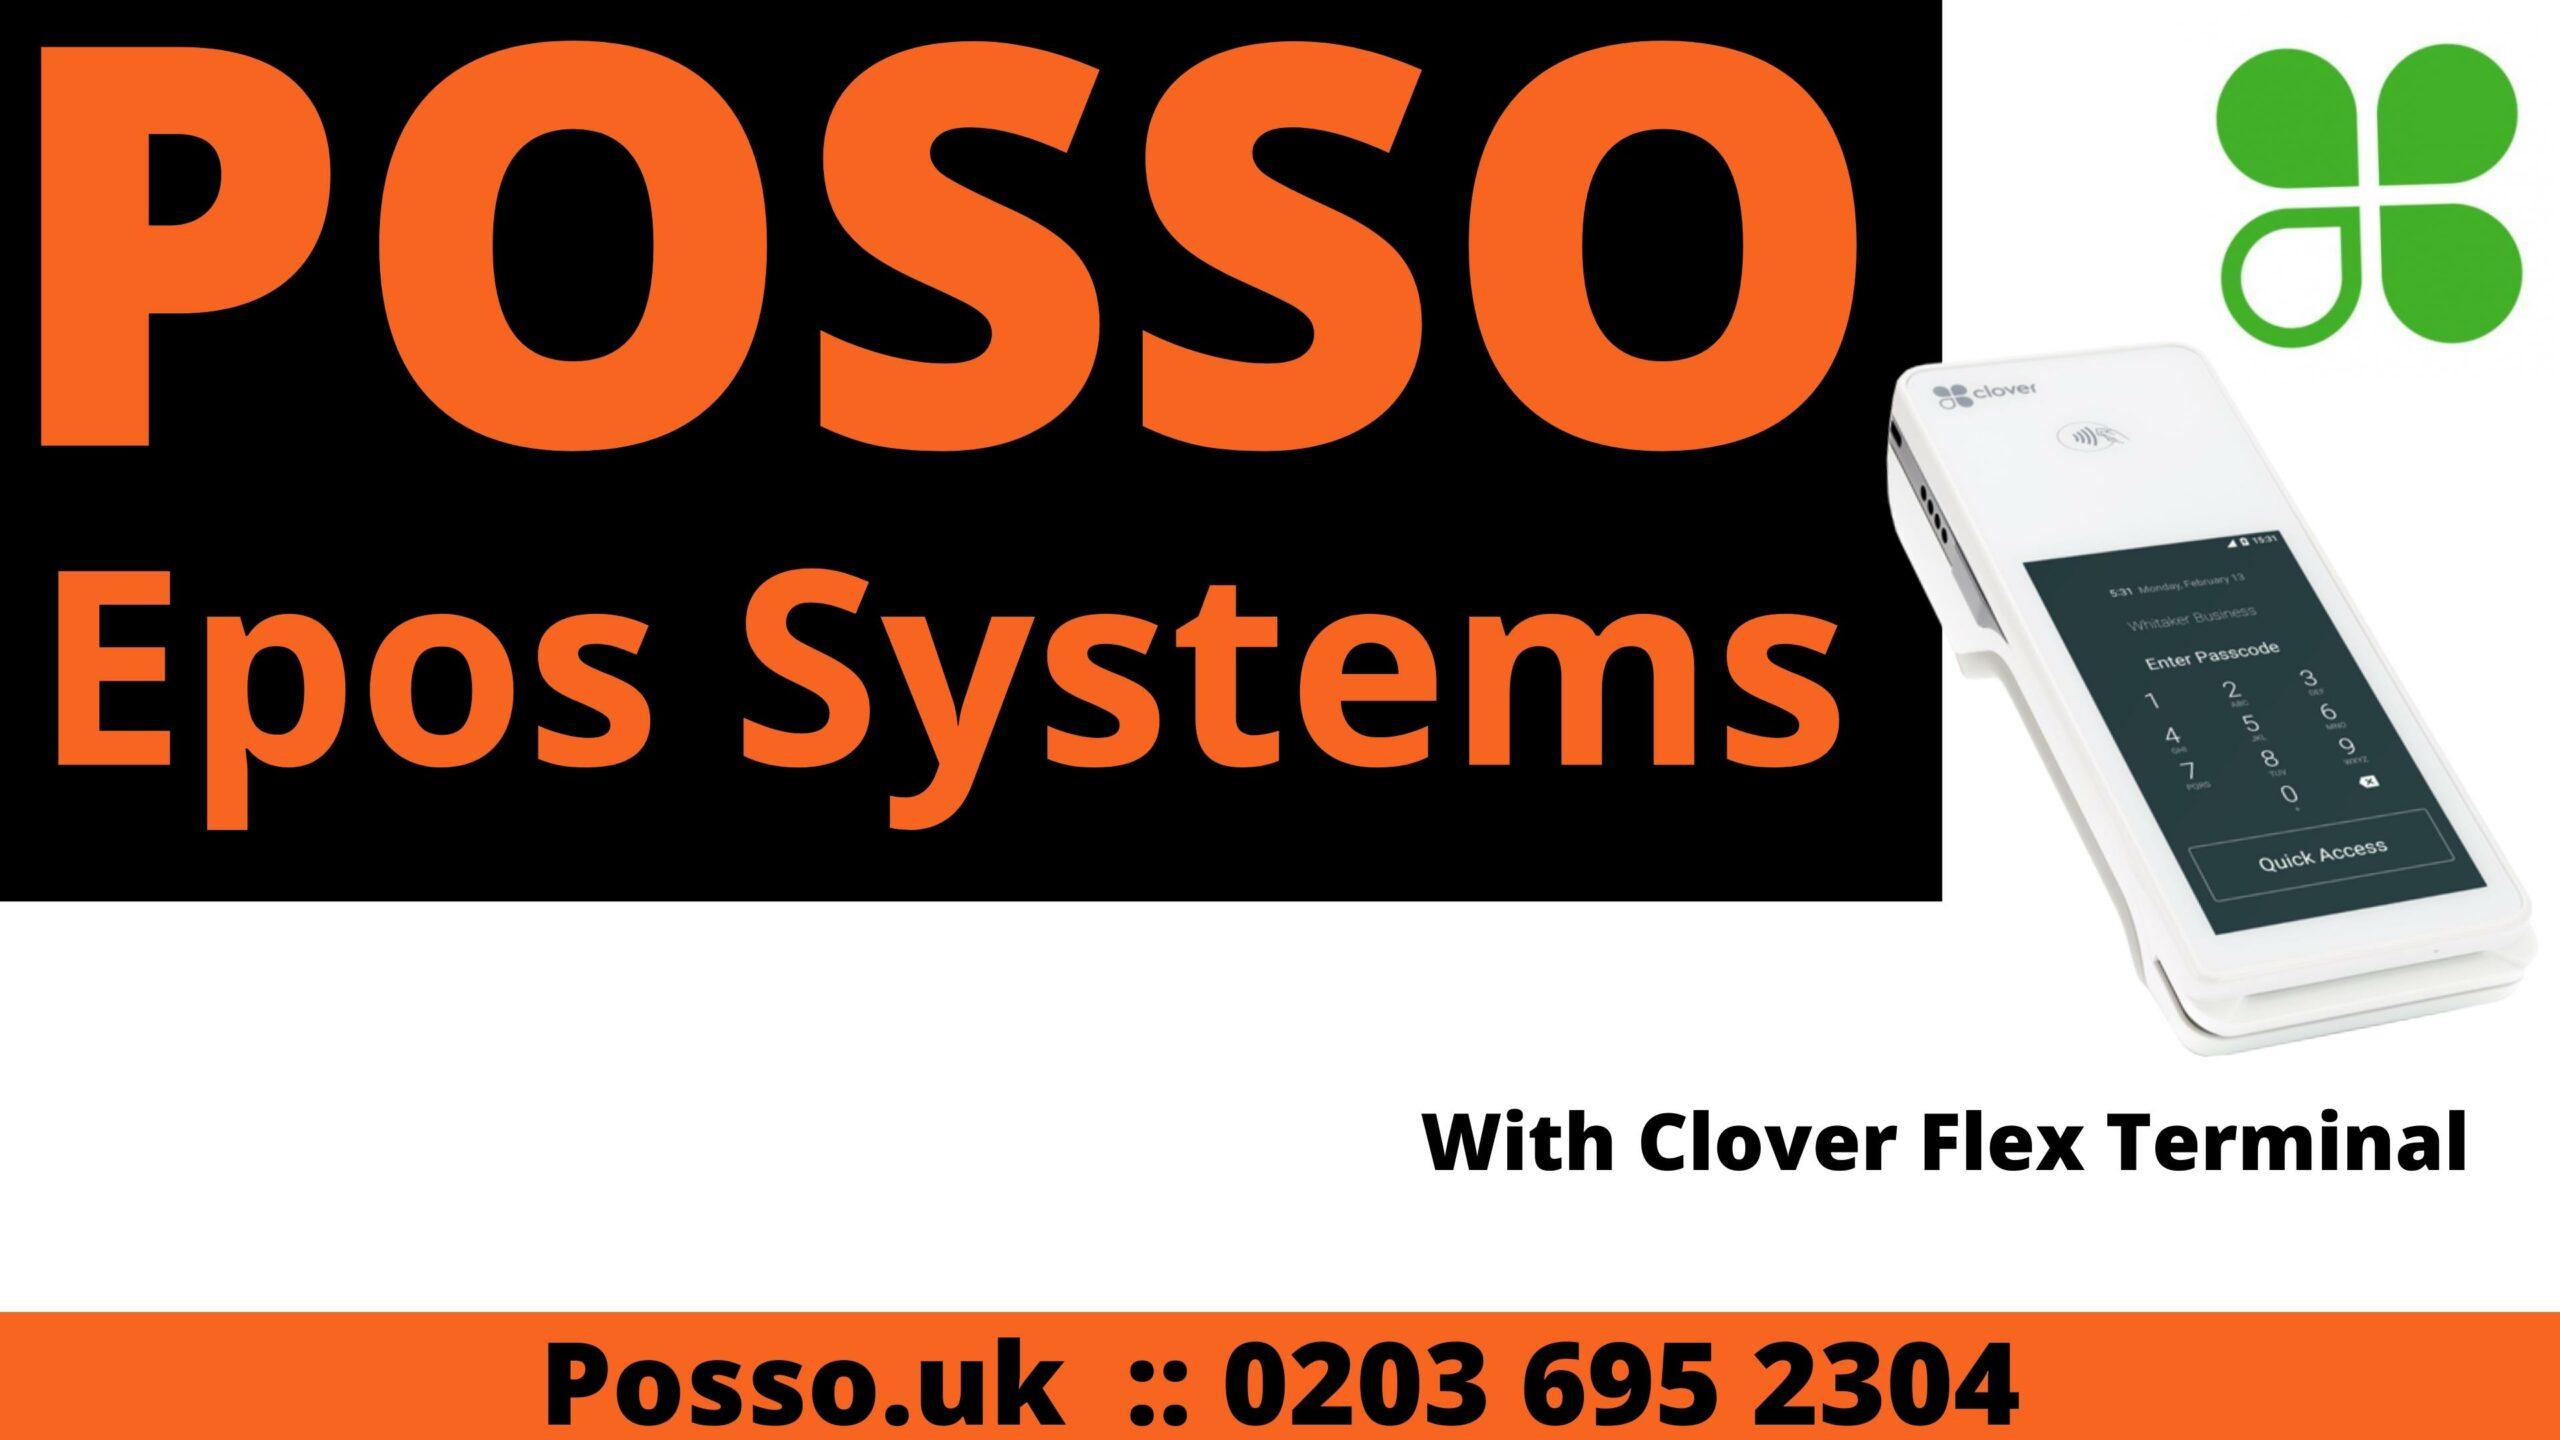 Clover flex terminal